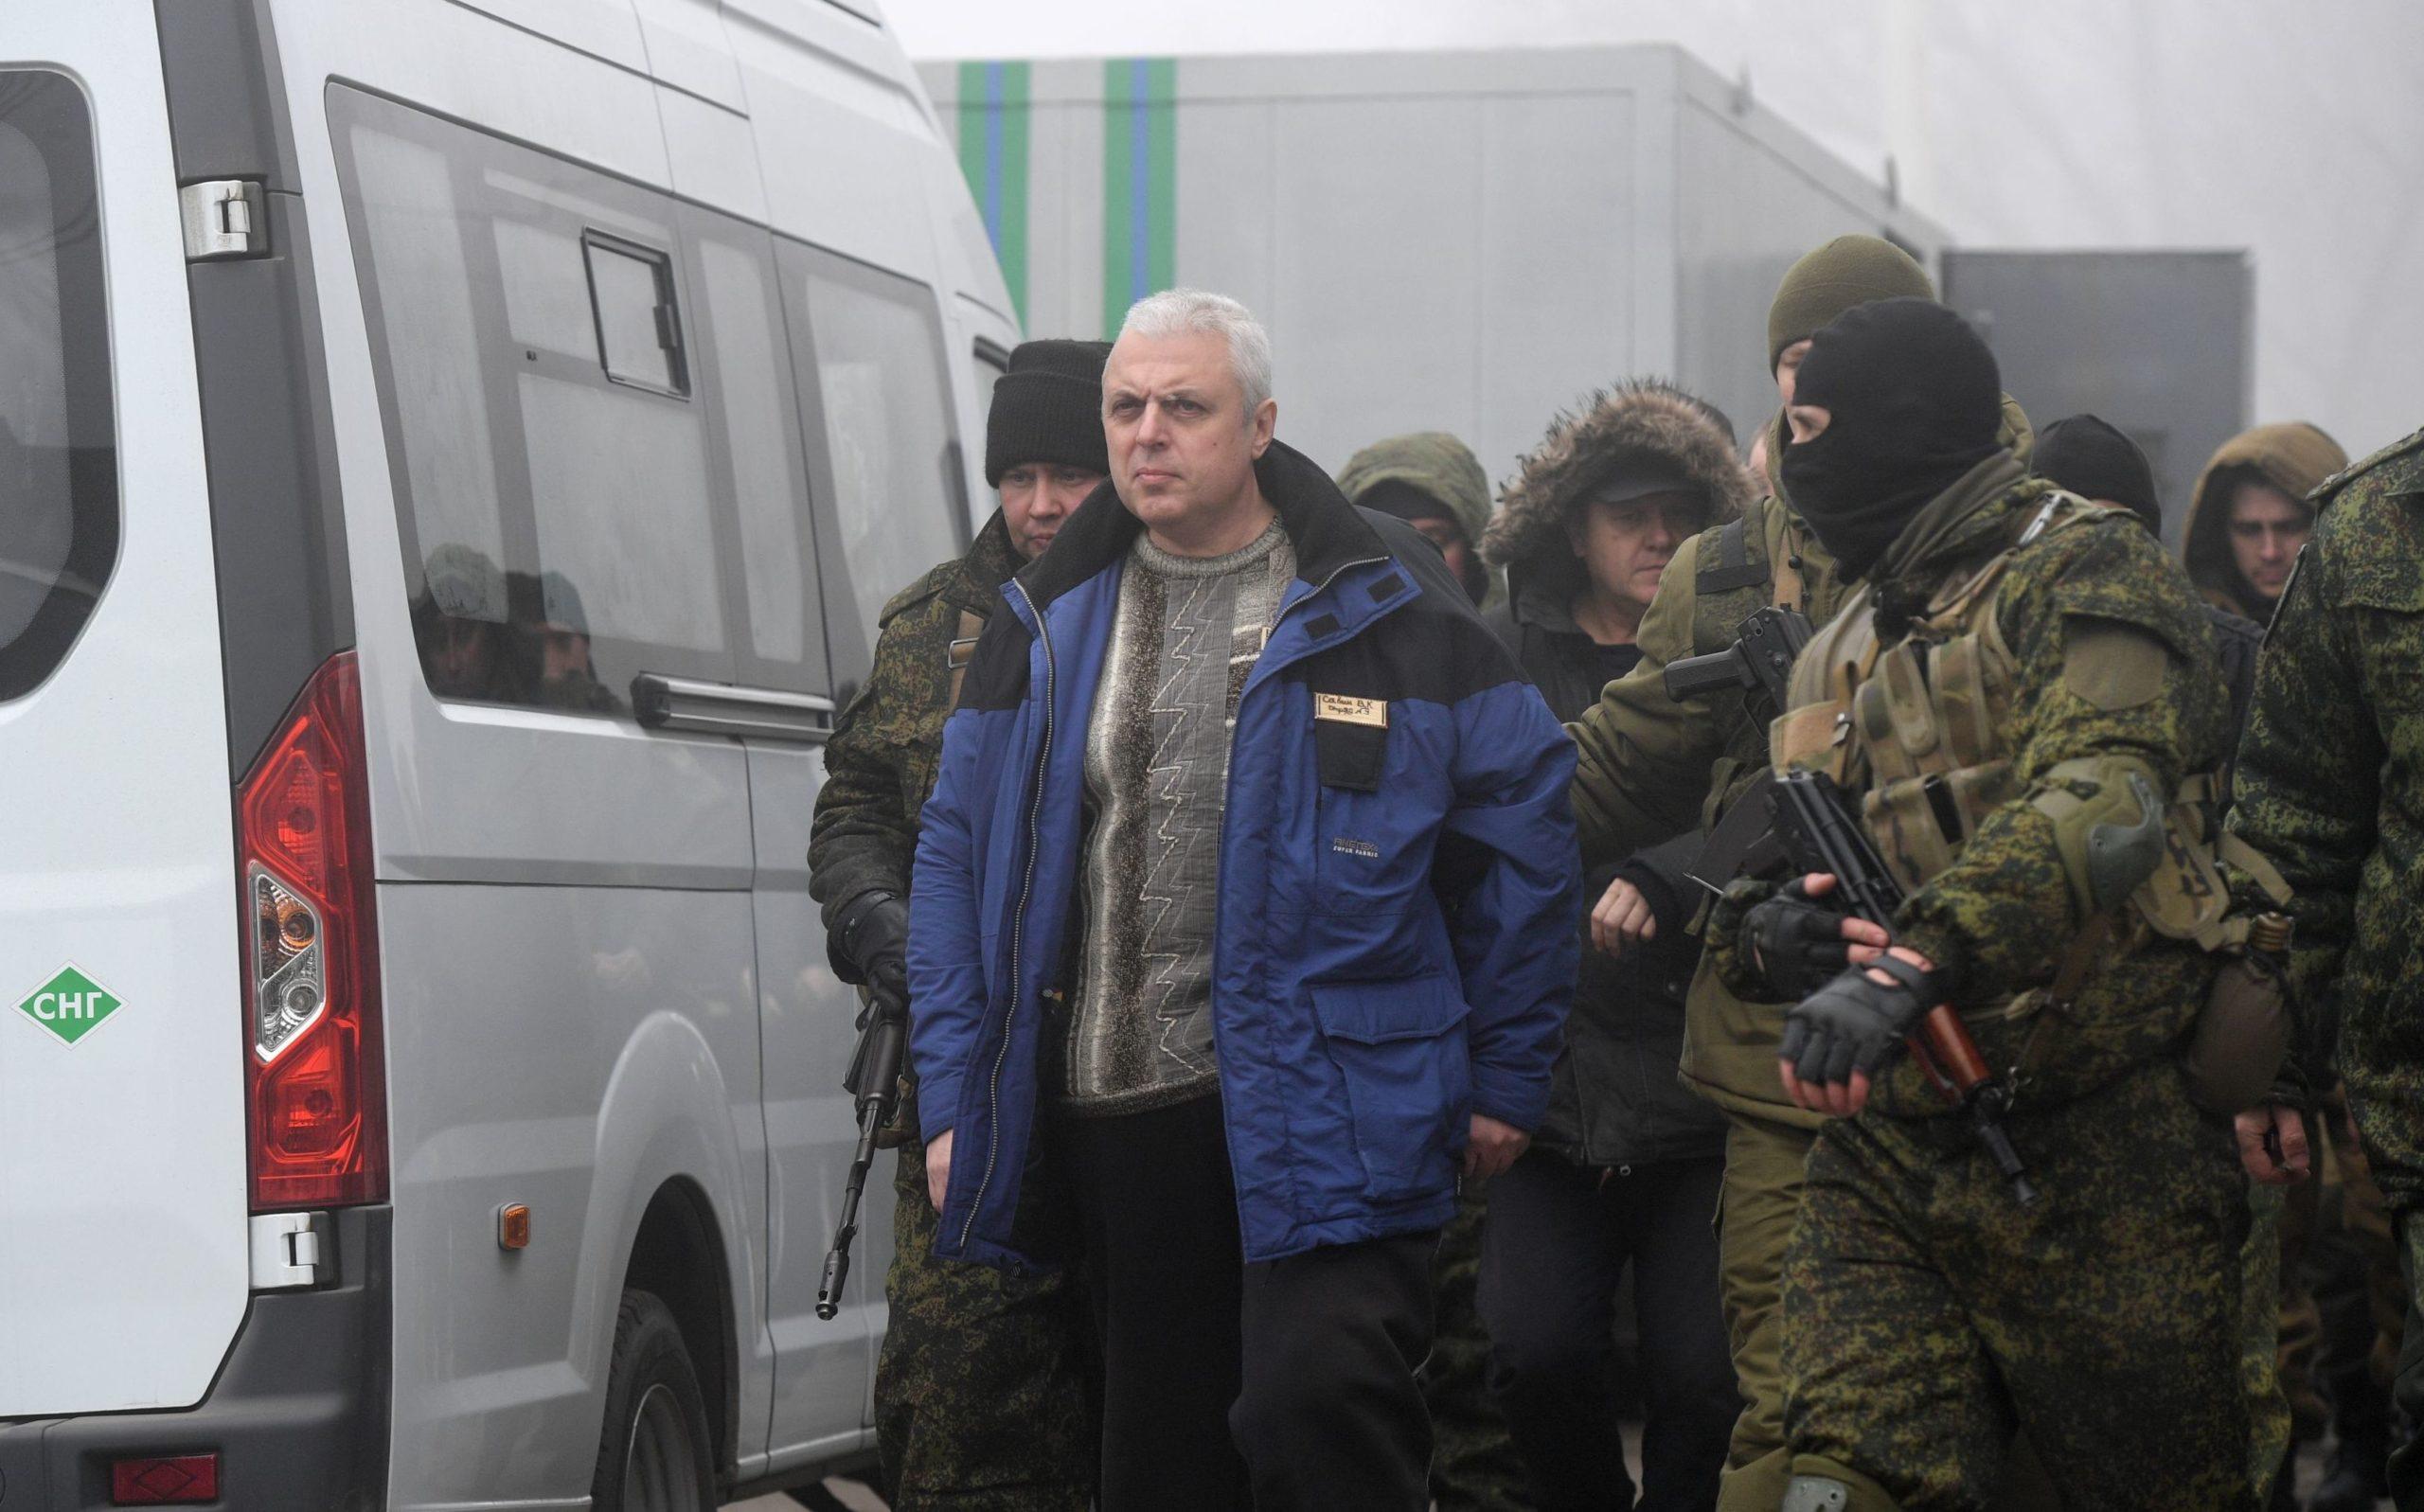 На КПП Горловка началась процедура обмена пленными между Донбассом и Украиной. Онлайн-трансляция